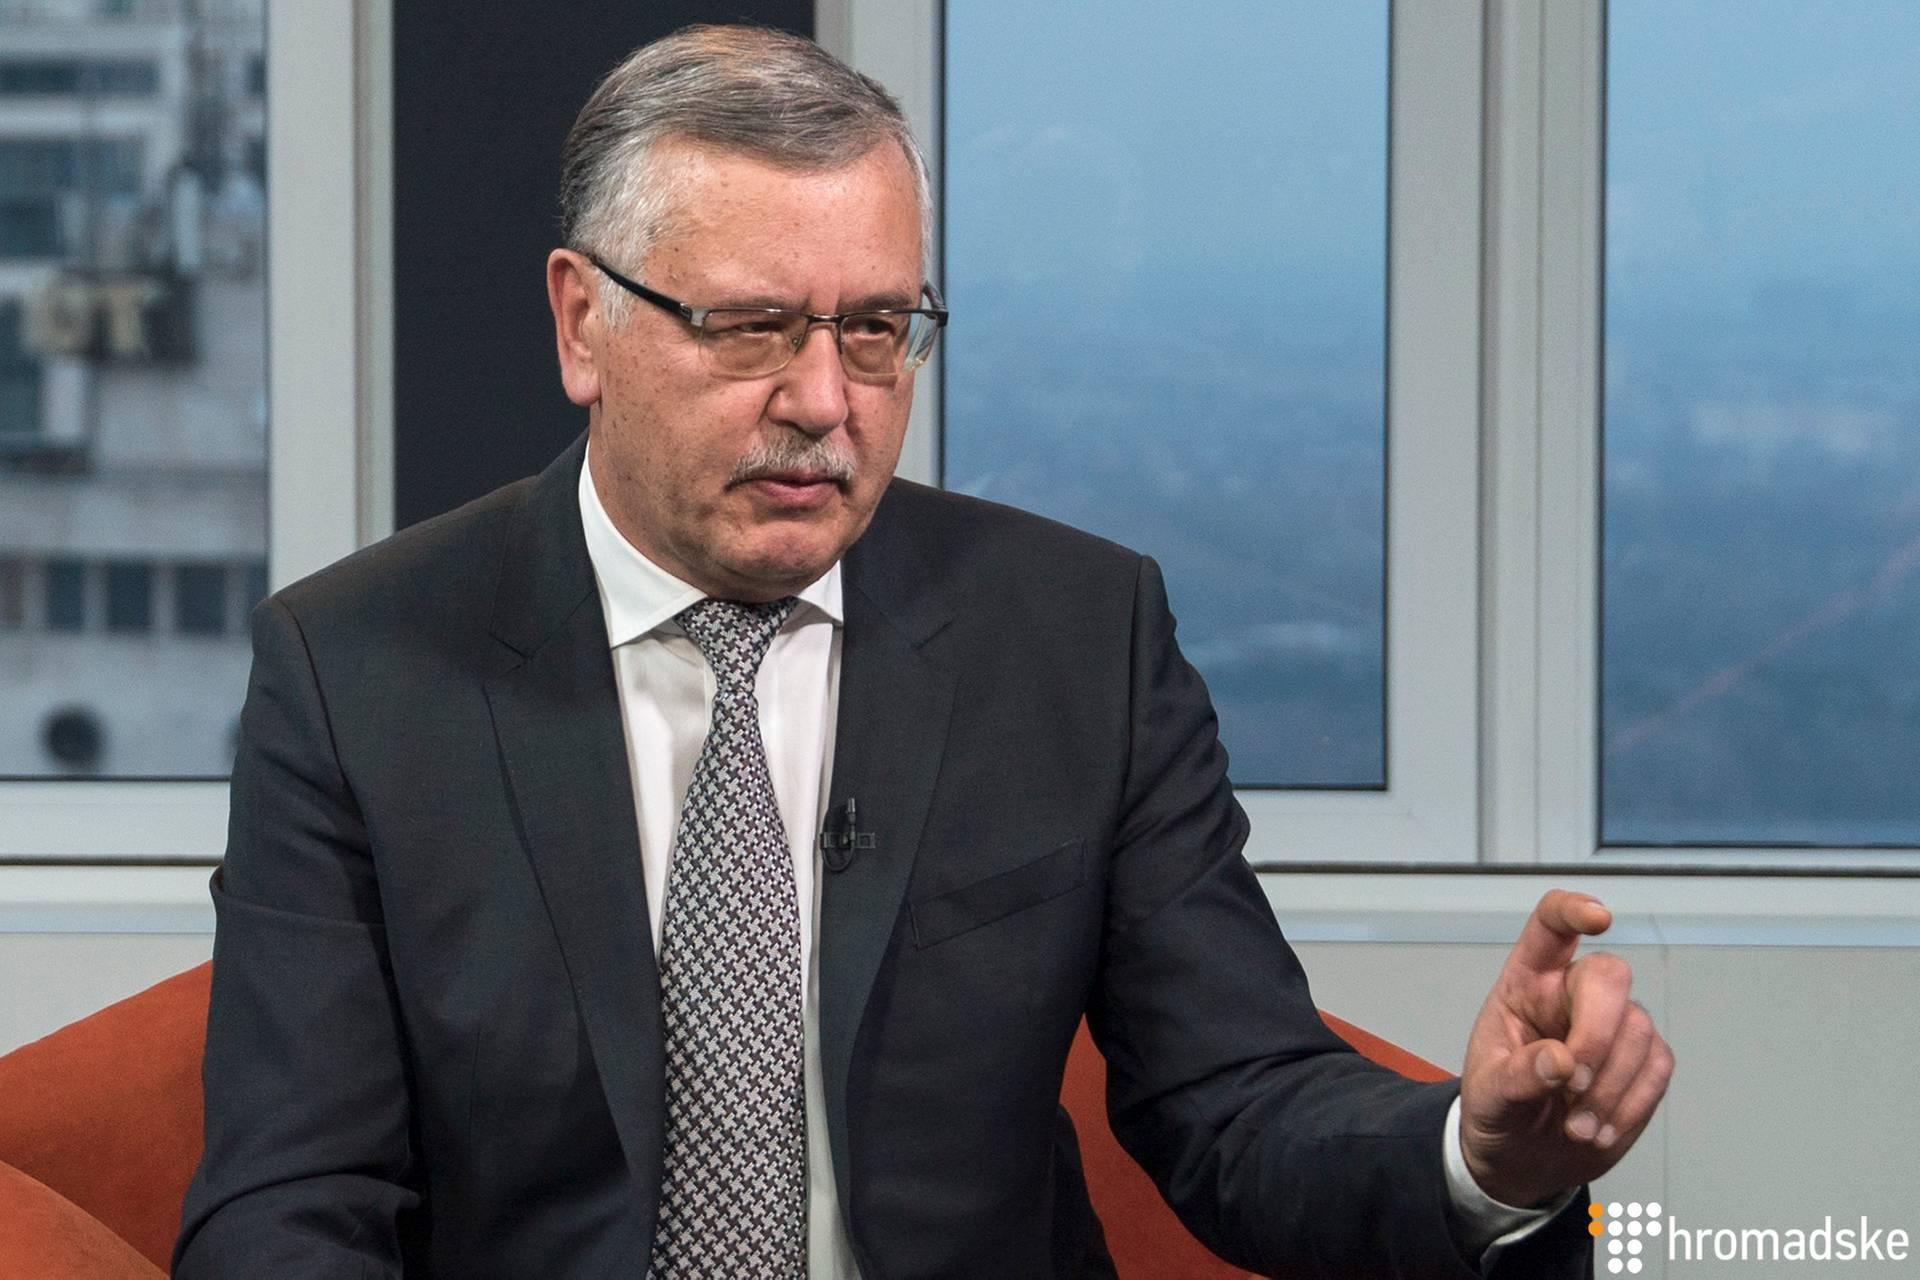 Лідер партії «Громадянська позиція» Анатолій Гриценко під час інтерв'ю Громадському, Київ, 22 листопада 2018 року